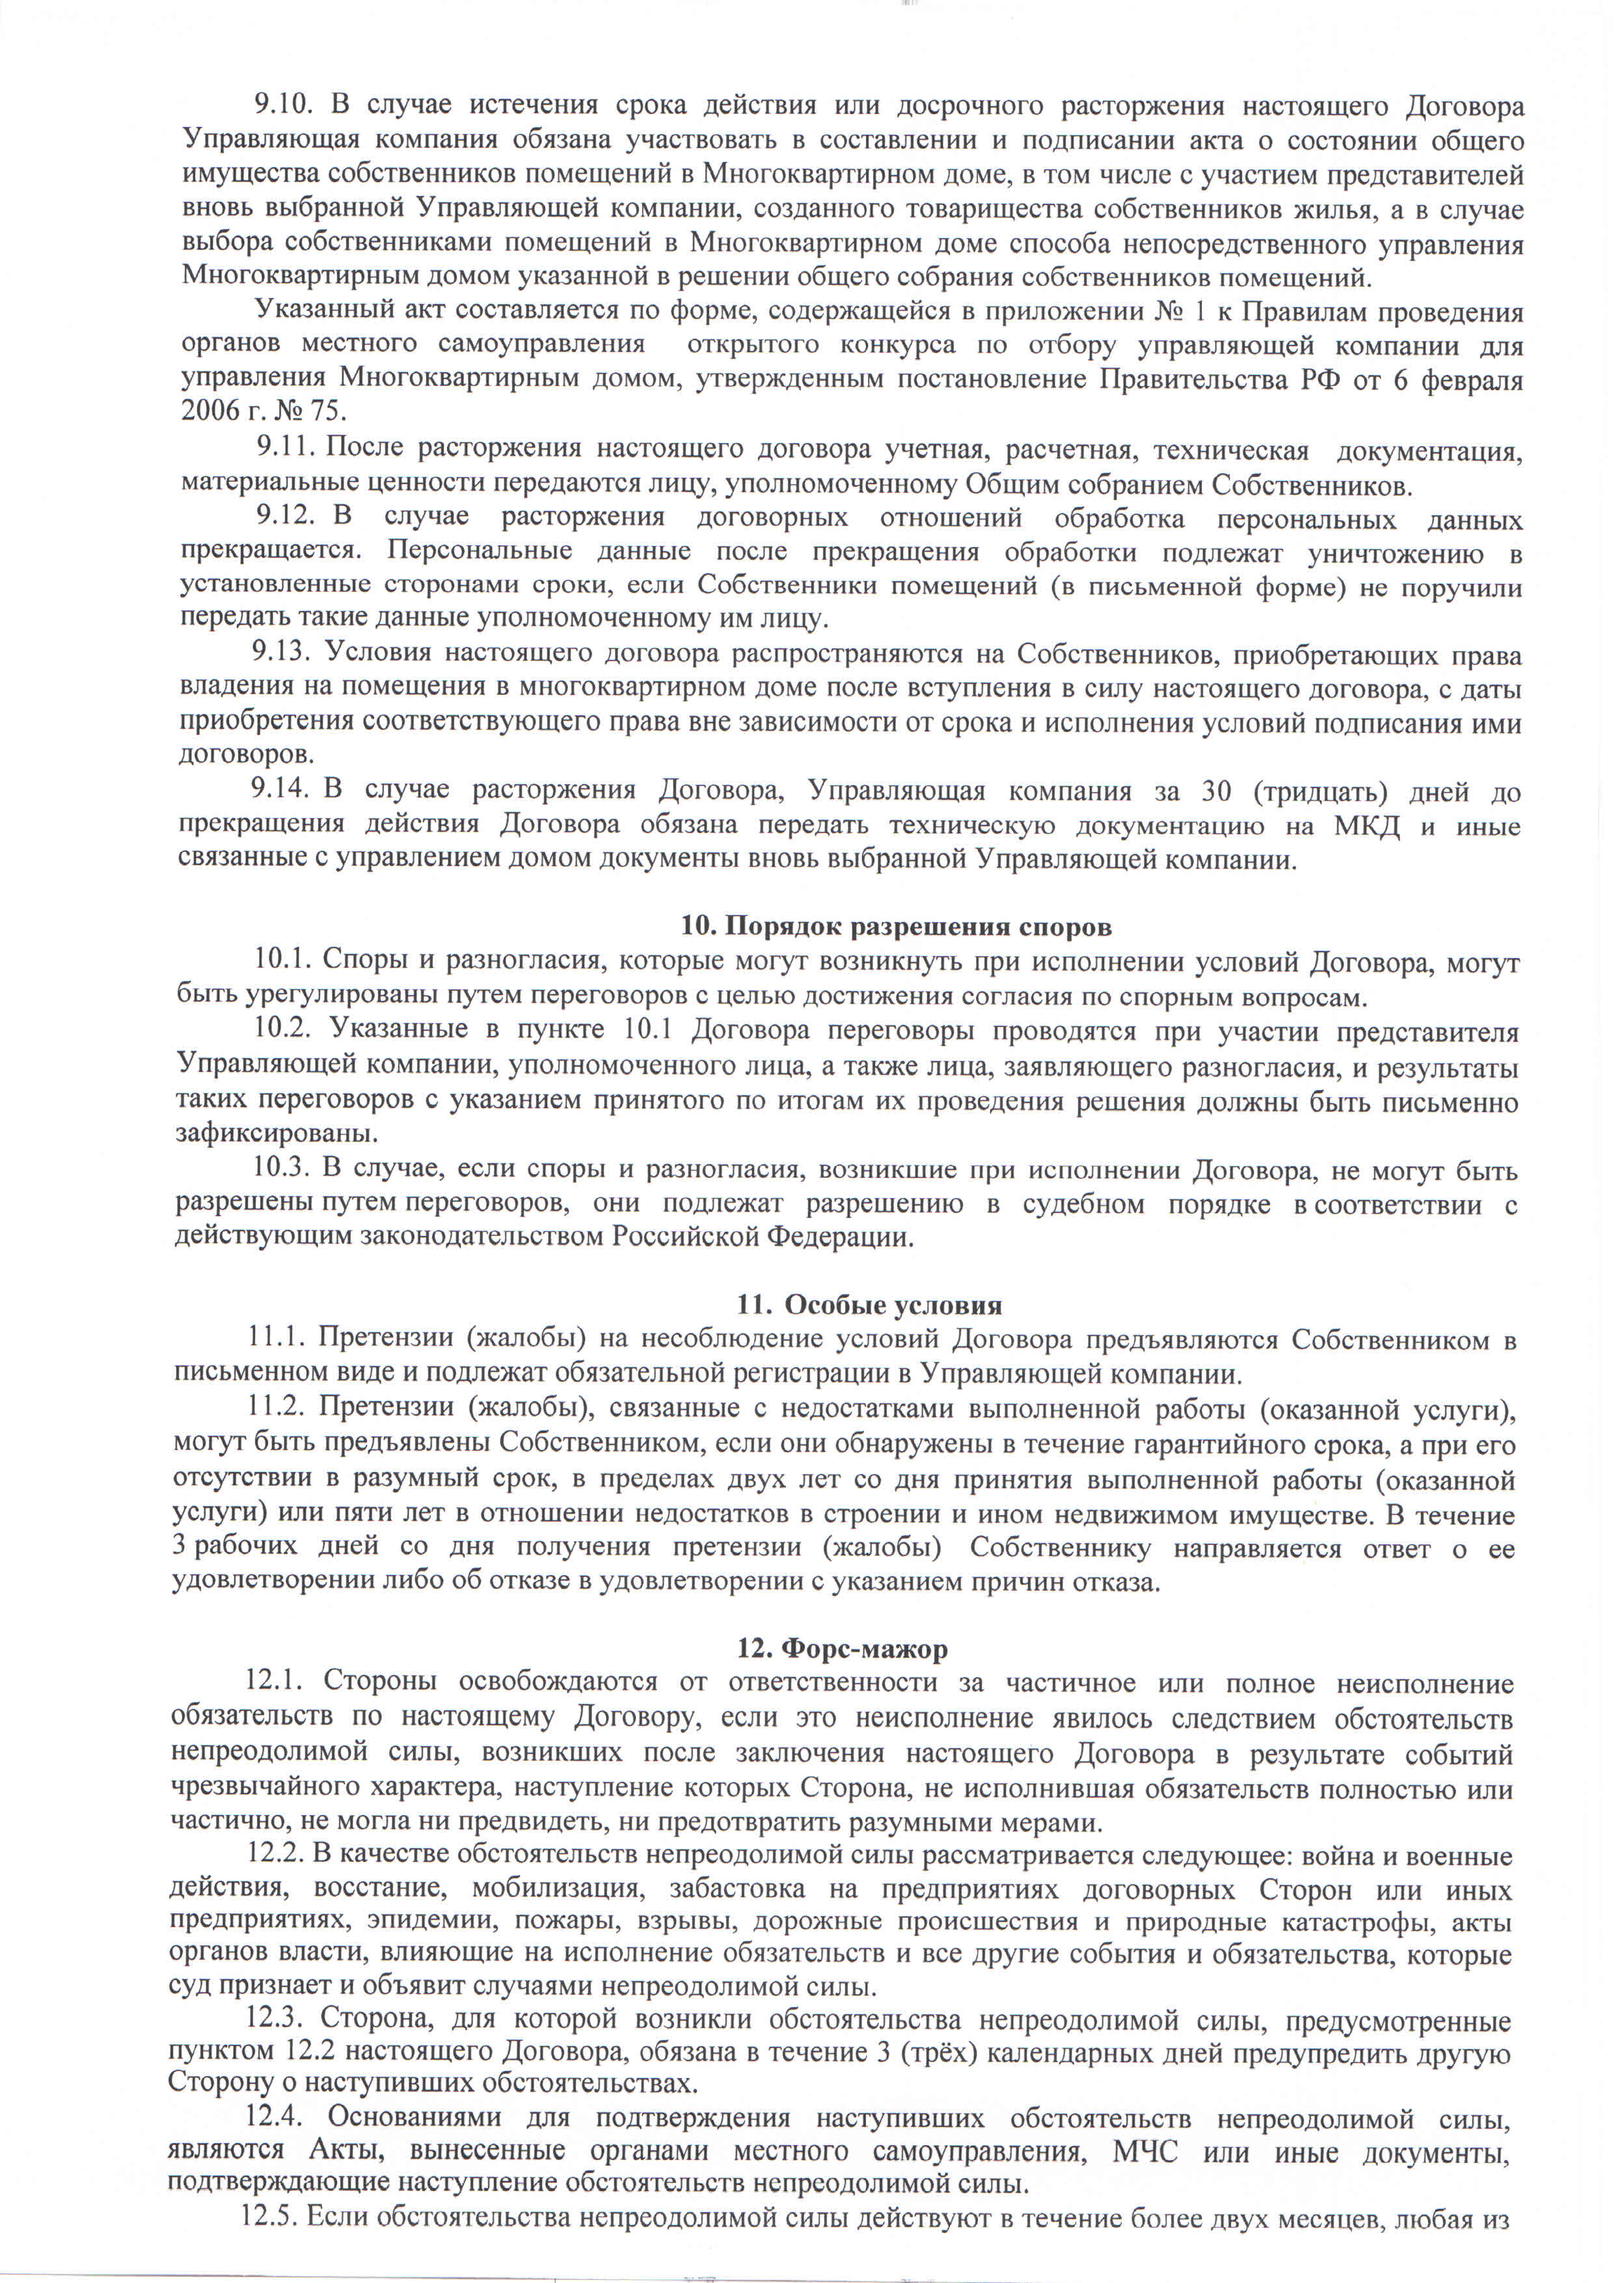 Открытый конкурс по отбору ук рф